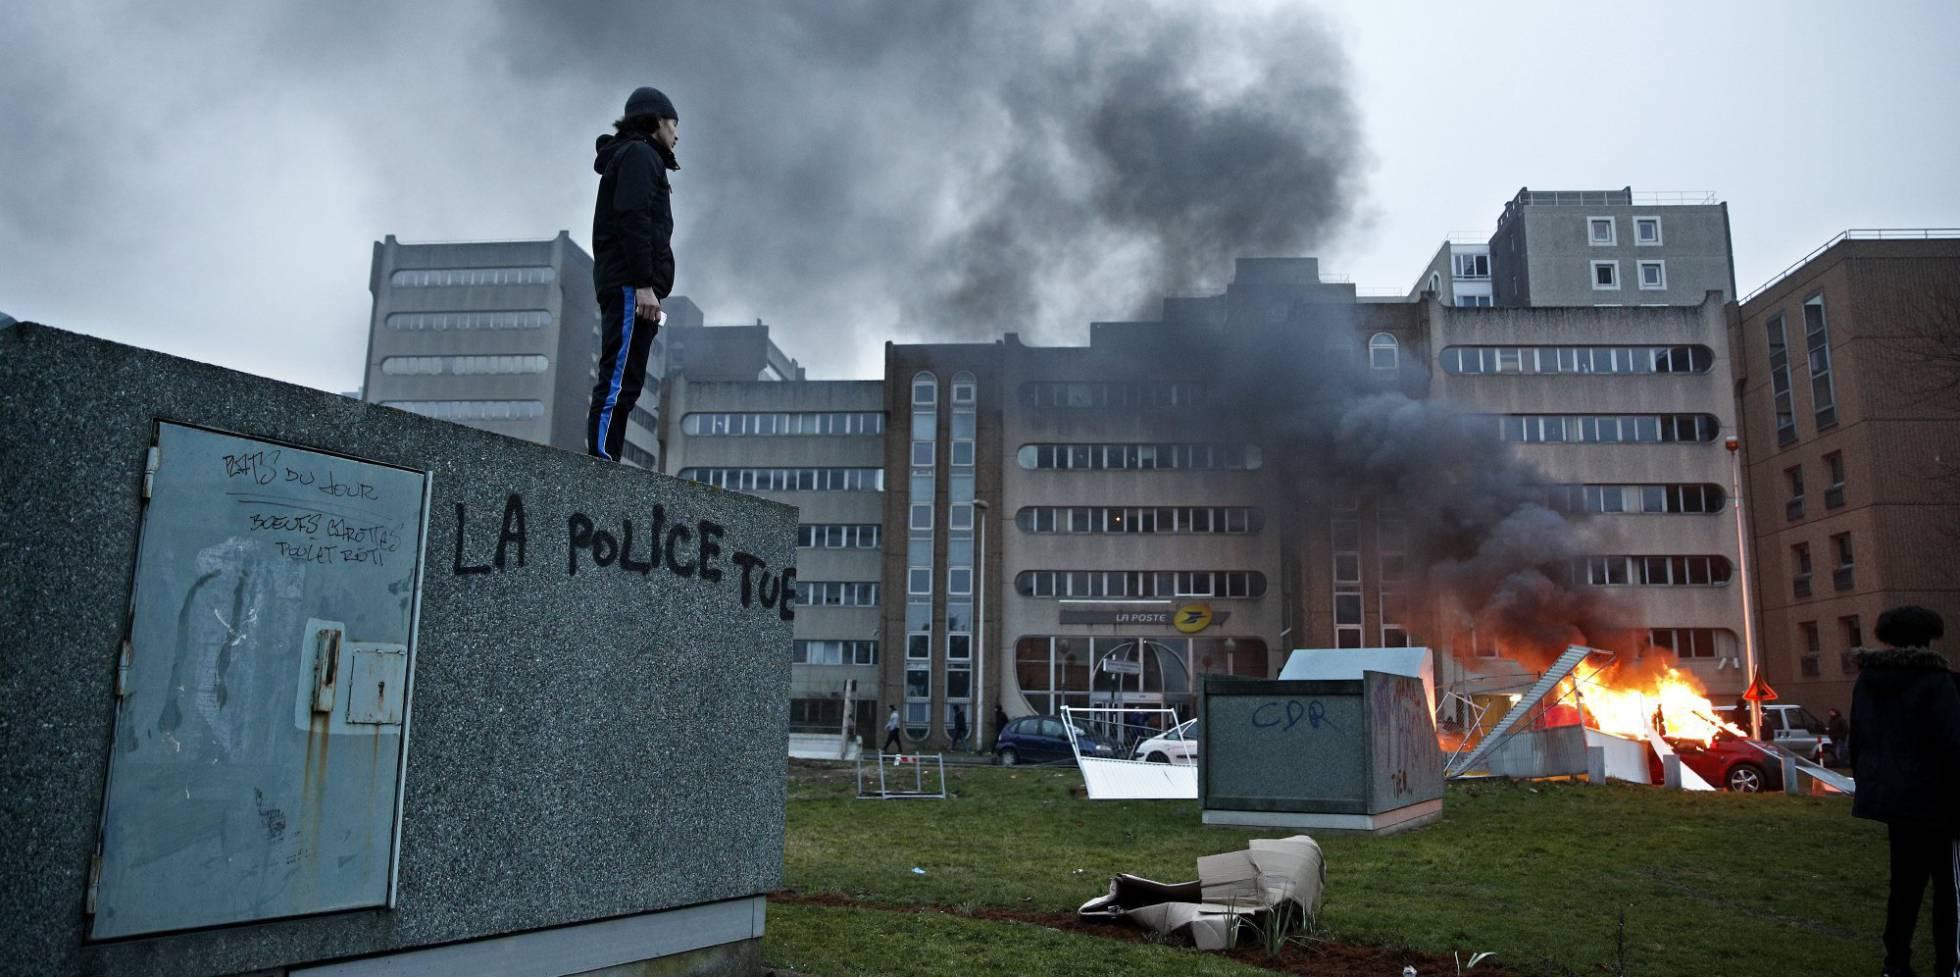 Francia: Una bomba de relojería en los suburbios [banlieue]. 1486988762_506176_1486990221_noticia_normal_recorte1